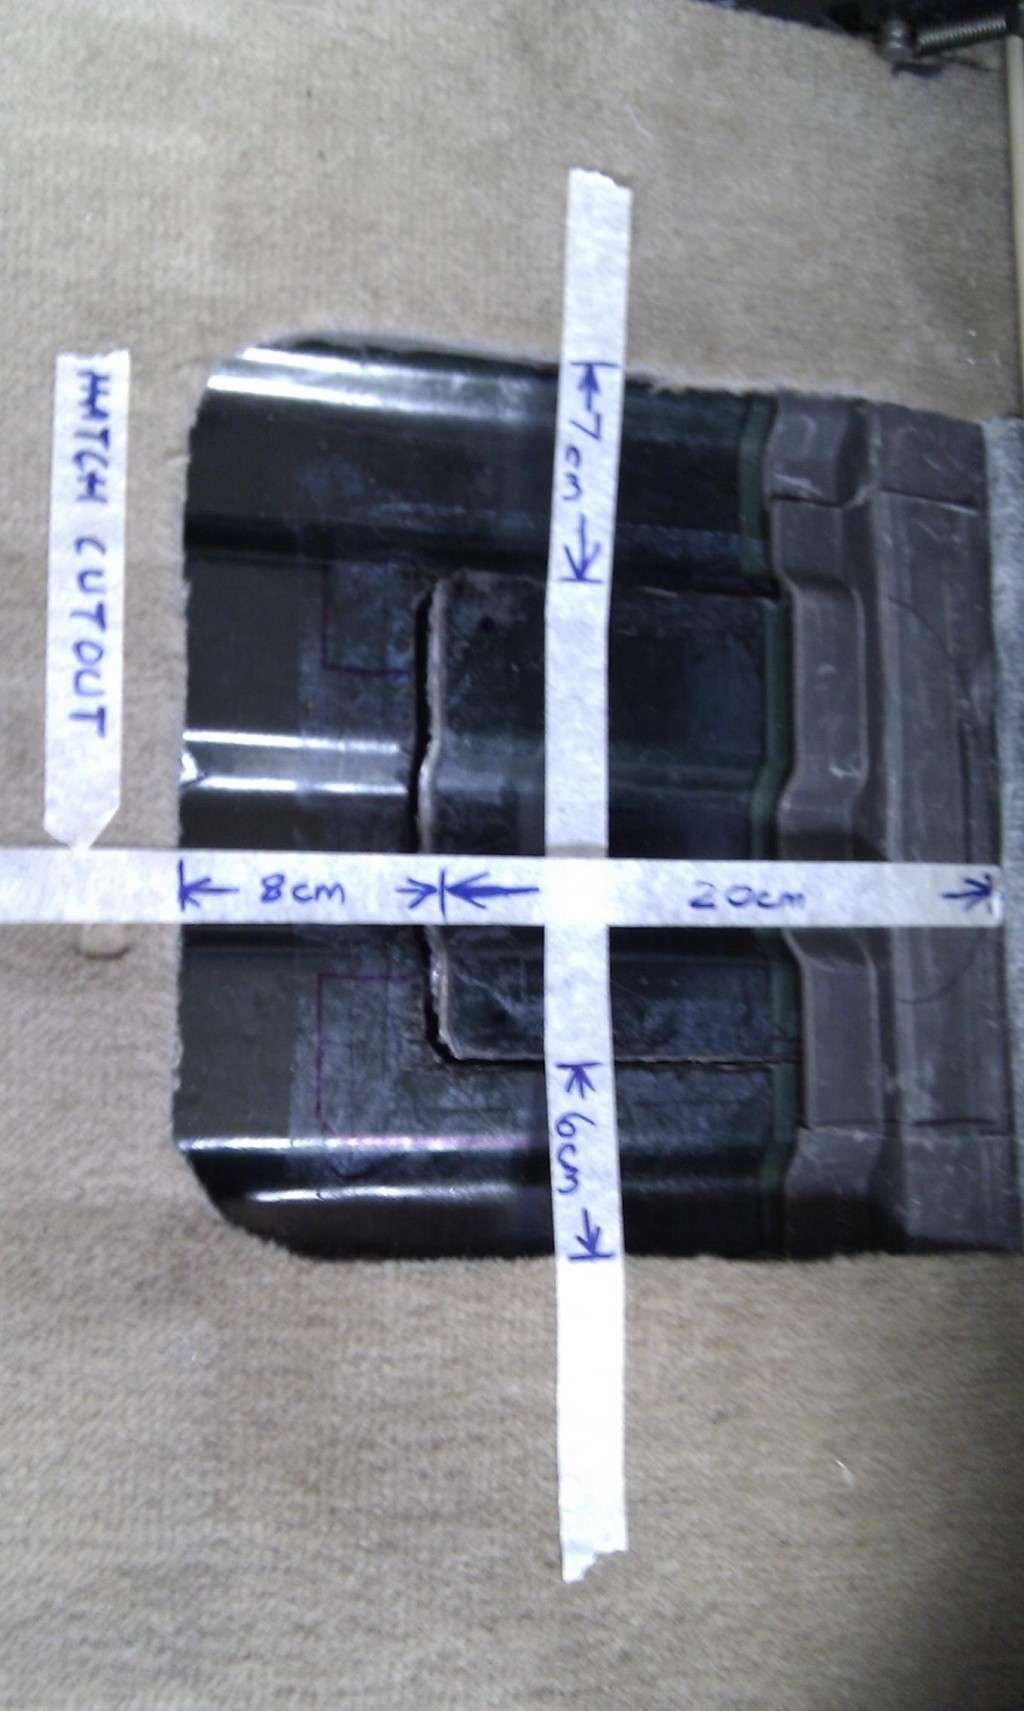 tuto decoupe plancher pour remplacement pompe de gavage  Imag0014